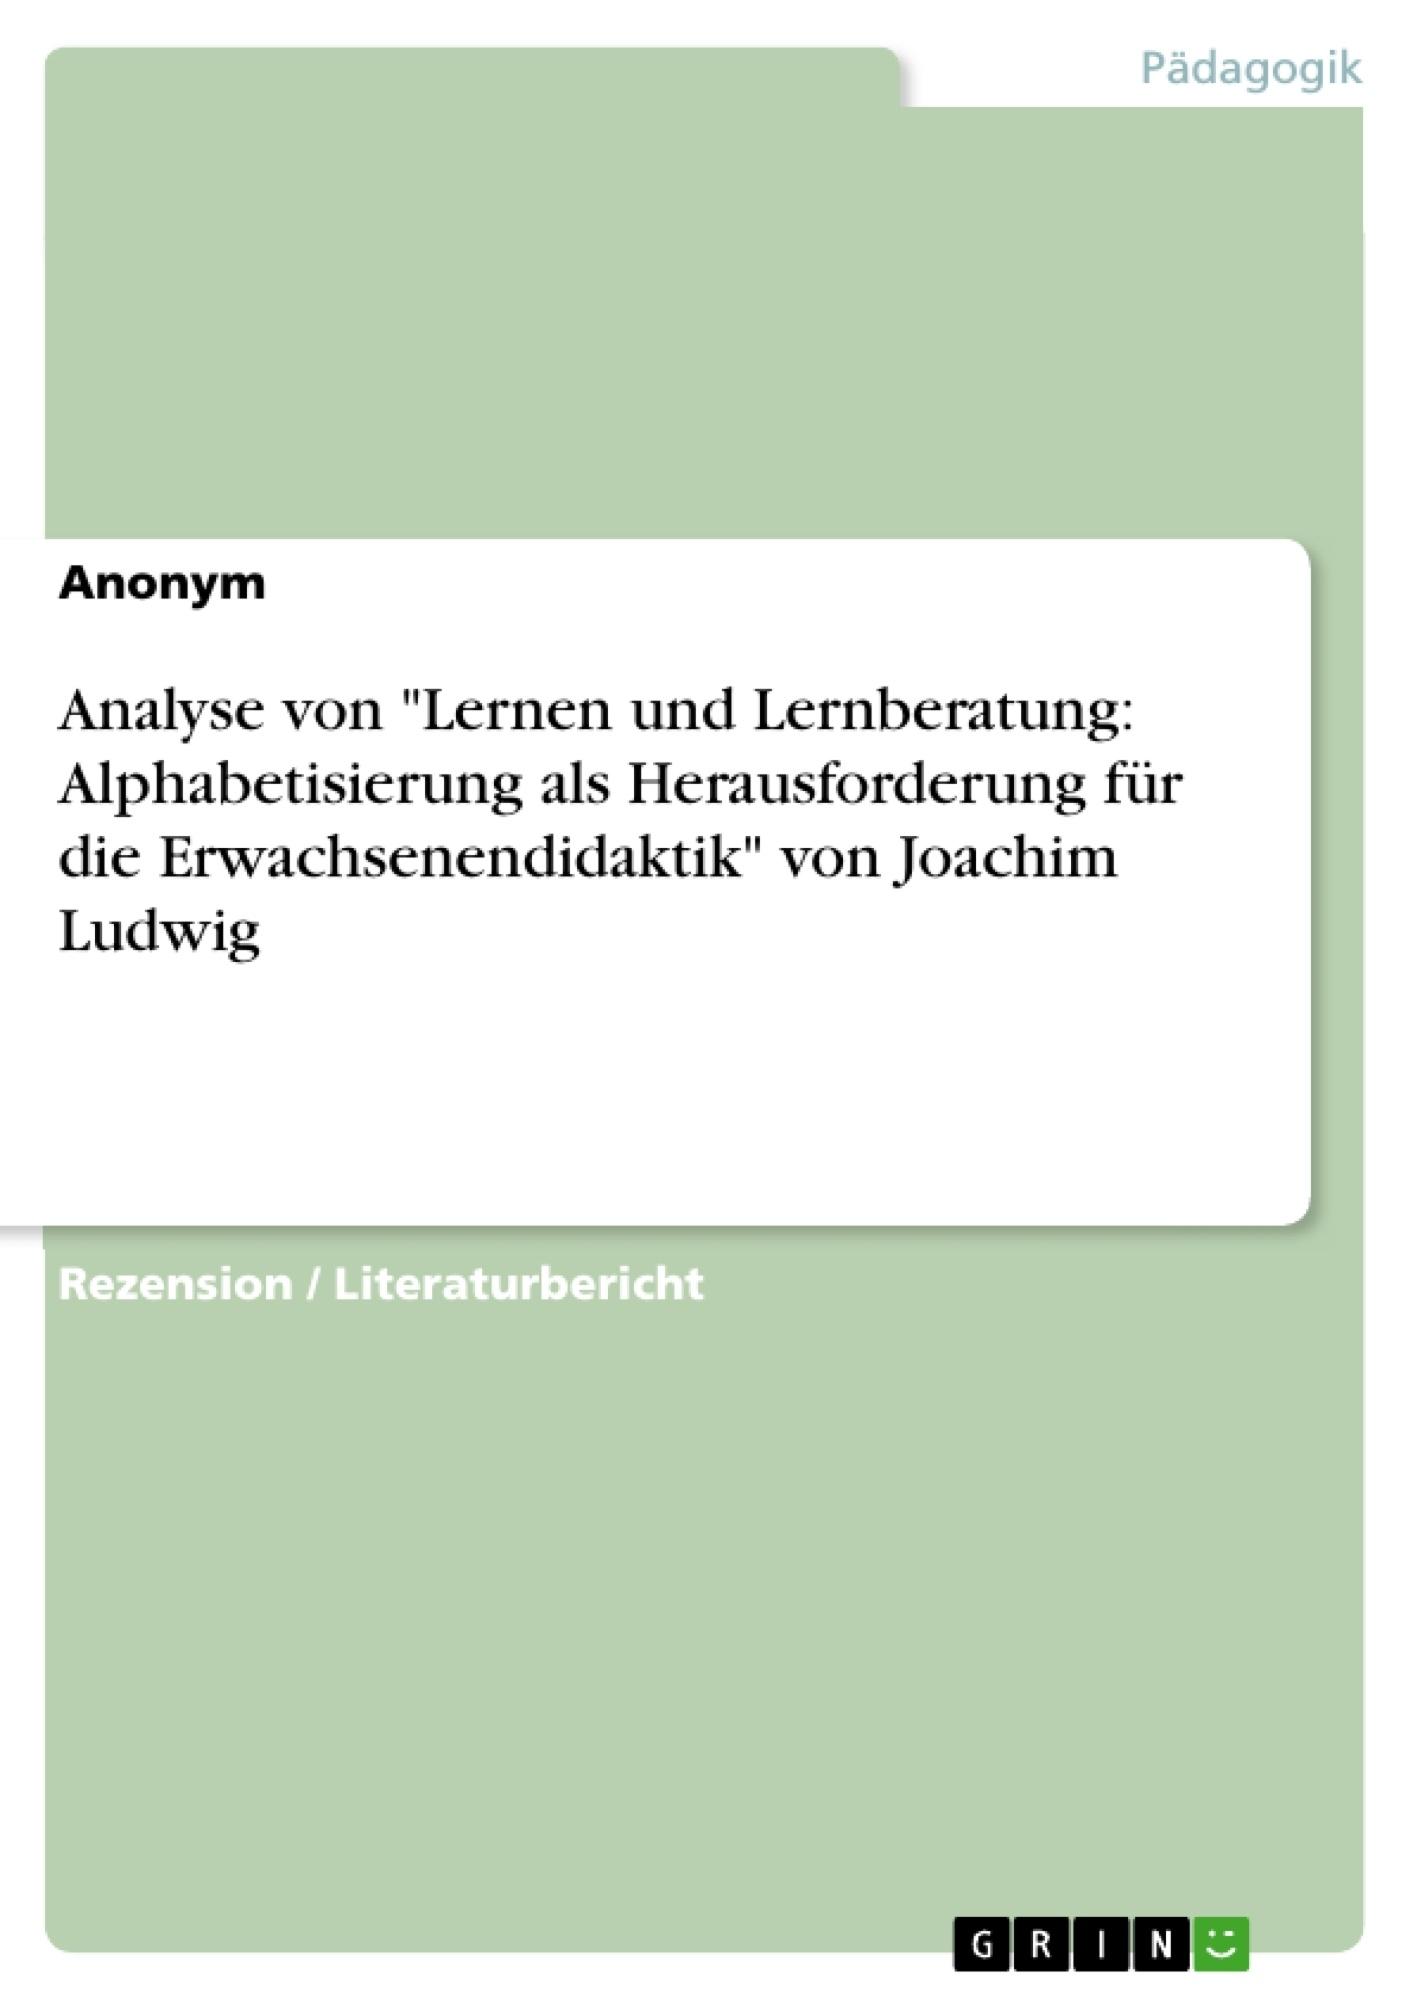 """Titel: Analyse von """"Lernen und Lernberatung: Alphabetisierung als Herausforderung für die Erwachsenendidaktik"""" von Joachim Ludwig"""